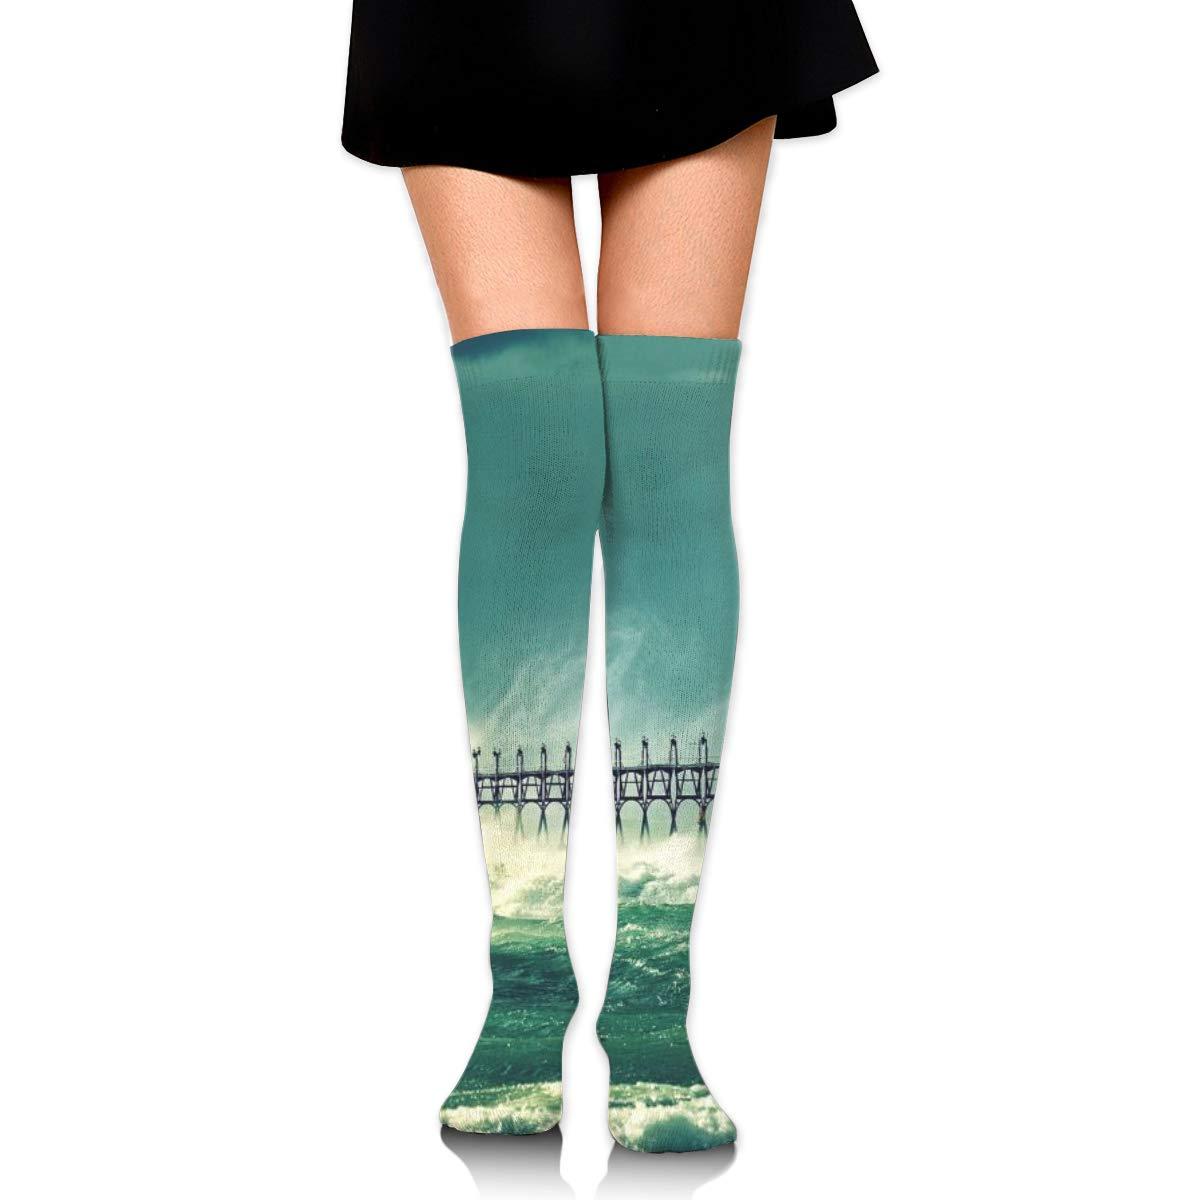 Kjaoi Girl Skirt Socks Uniform Sea Lighthouse Women Tube Socks Compression Socks